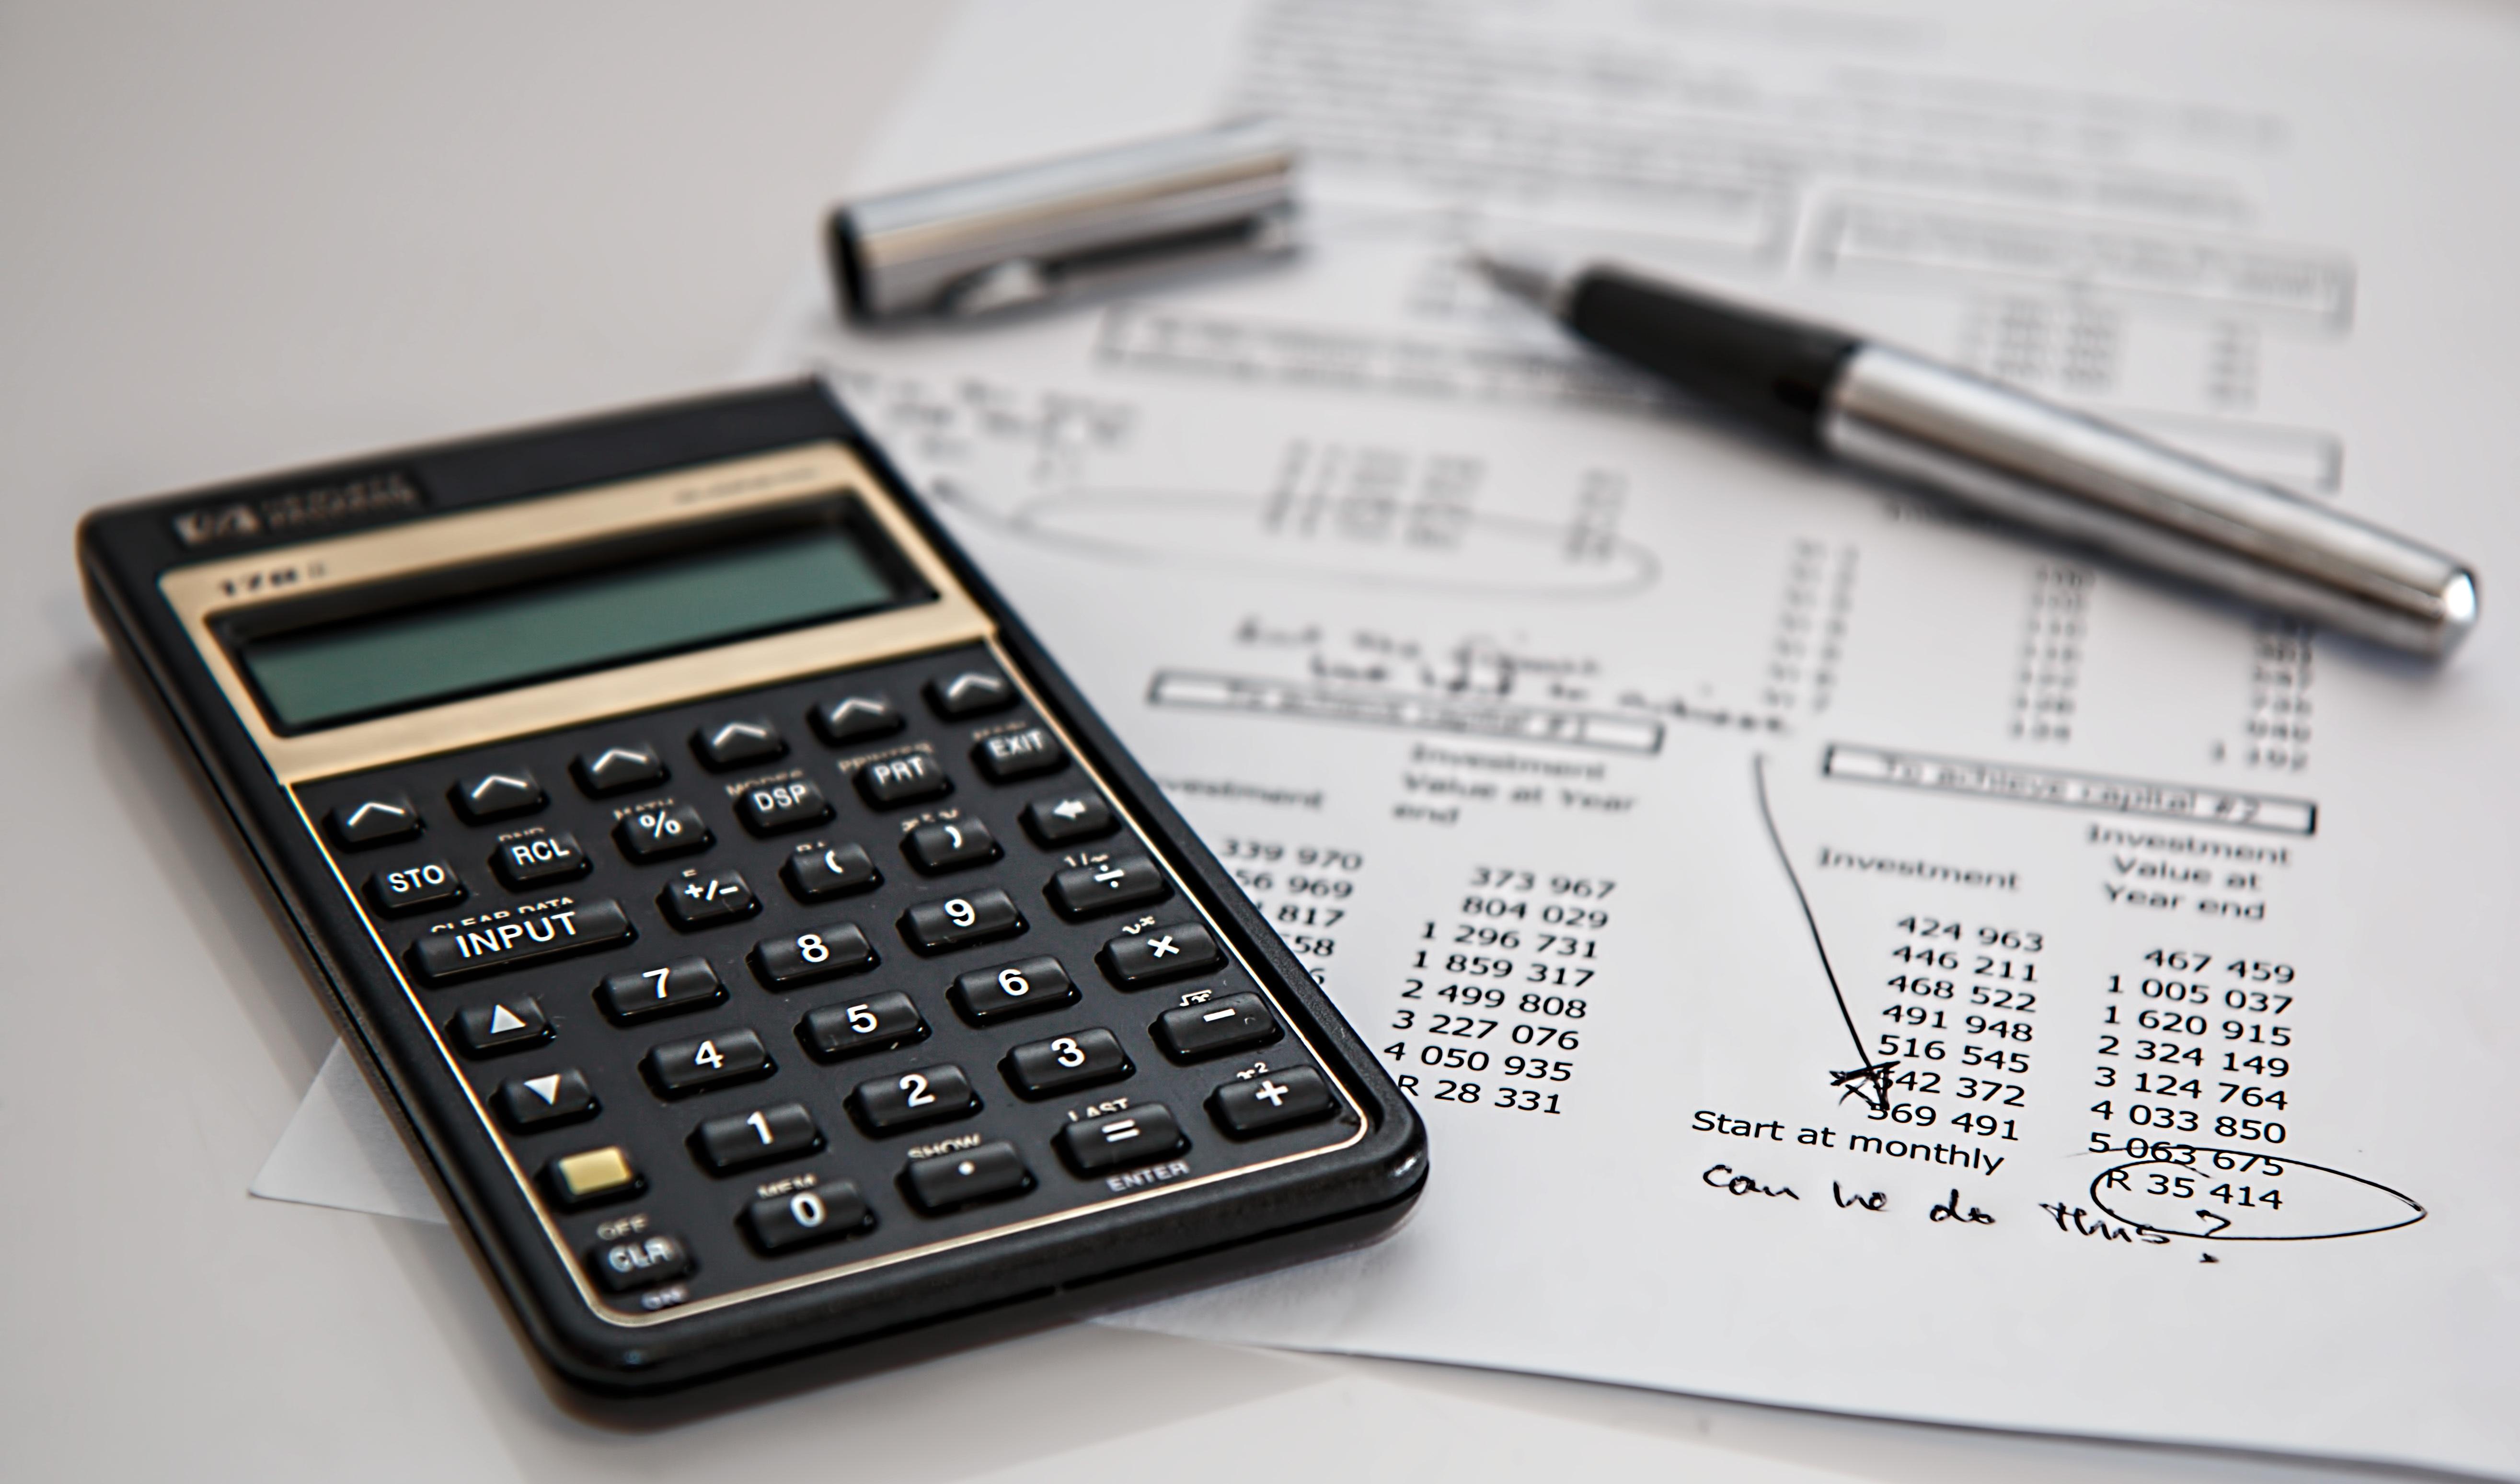 kalkulator ułożony na kartce papieru zawierającej obliczenia